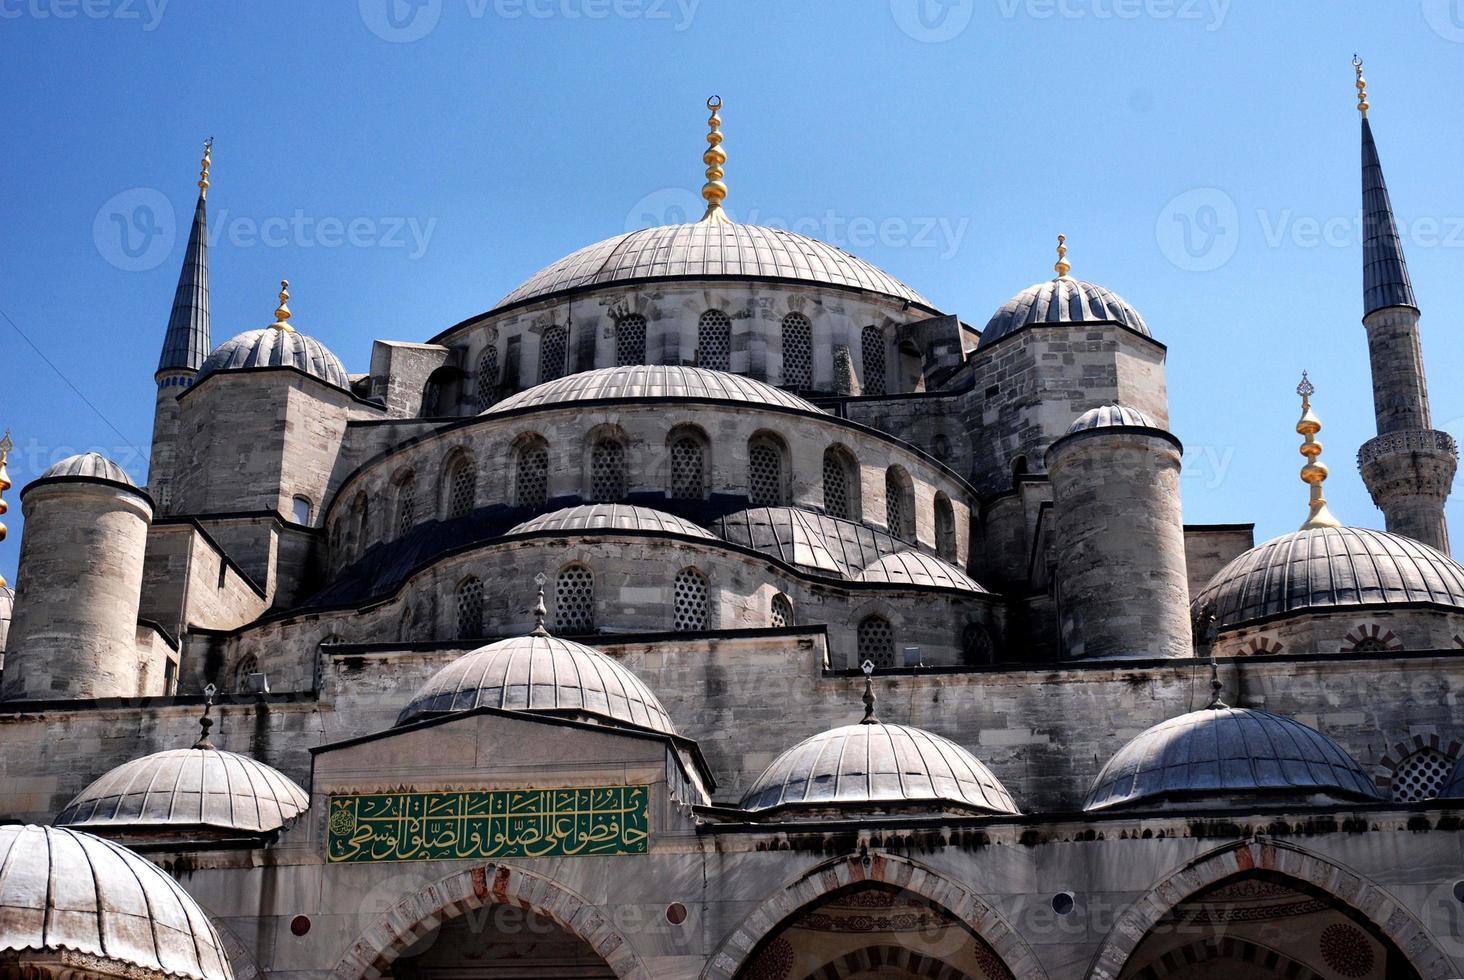 de blauwe moskee in istanbul, turkije foto